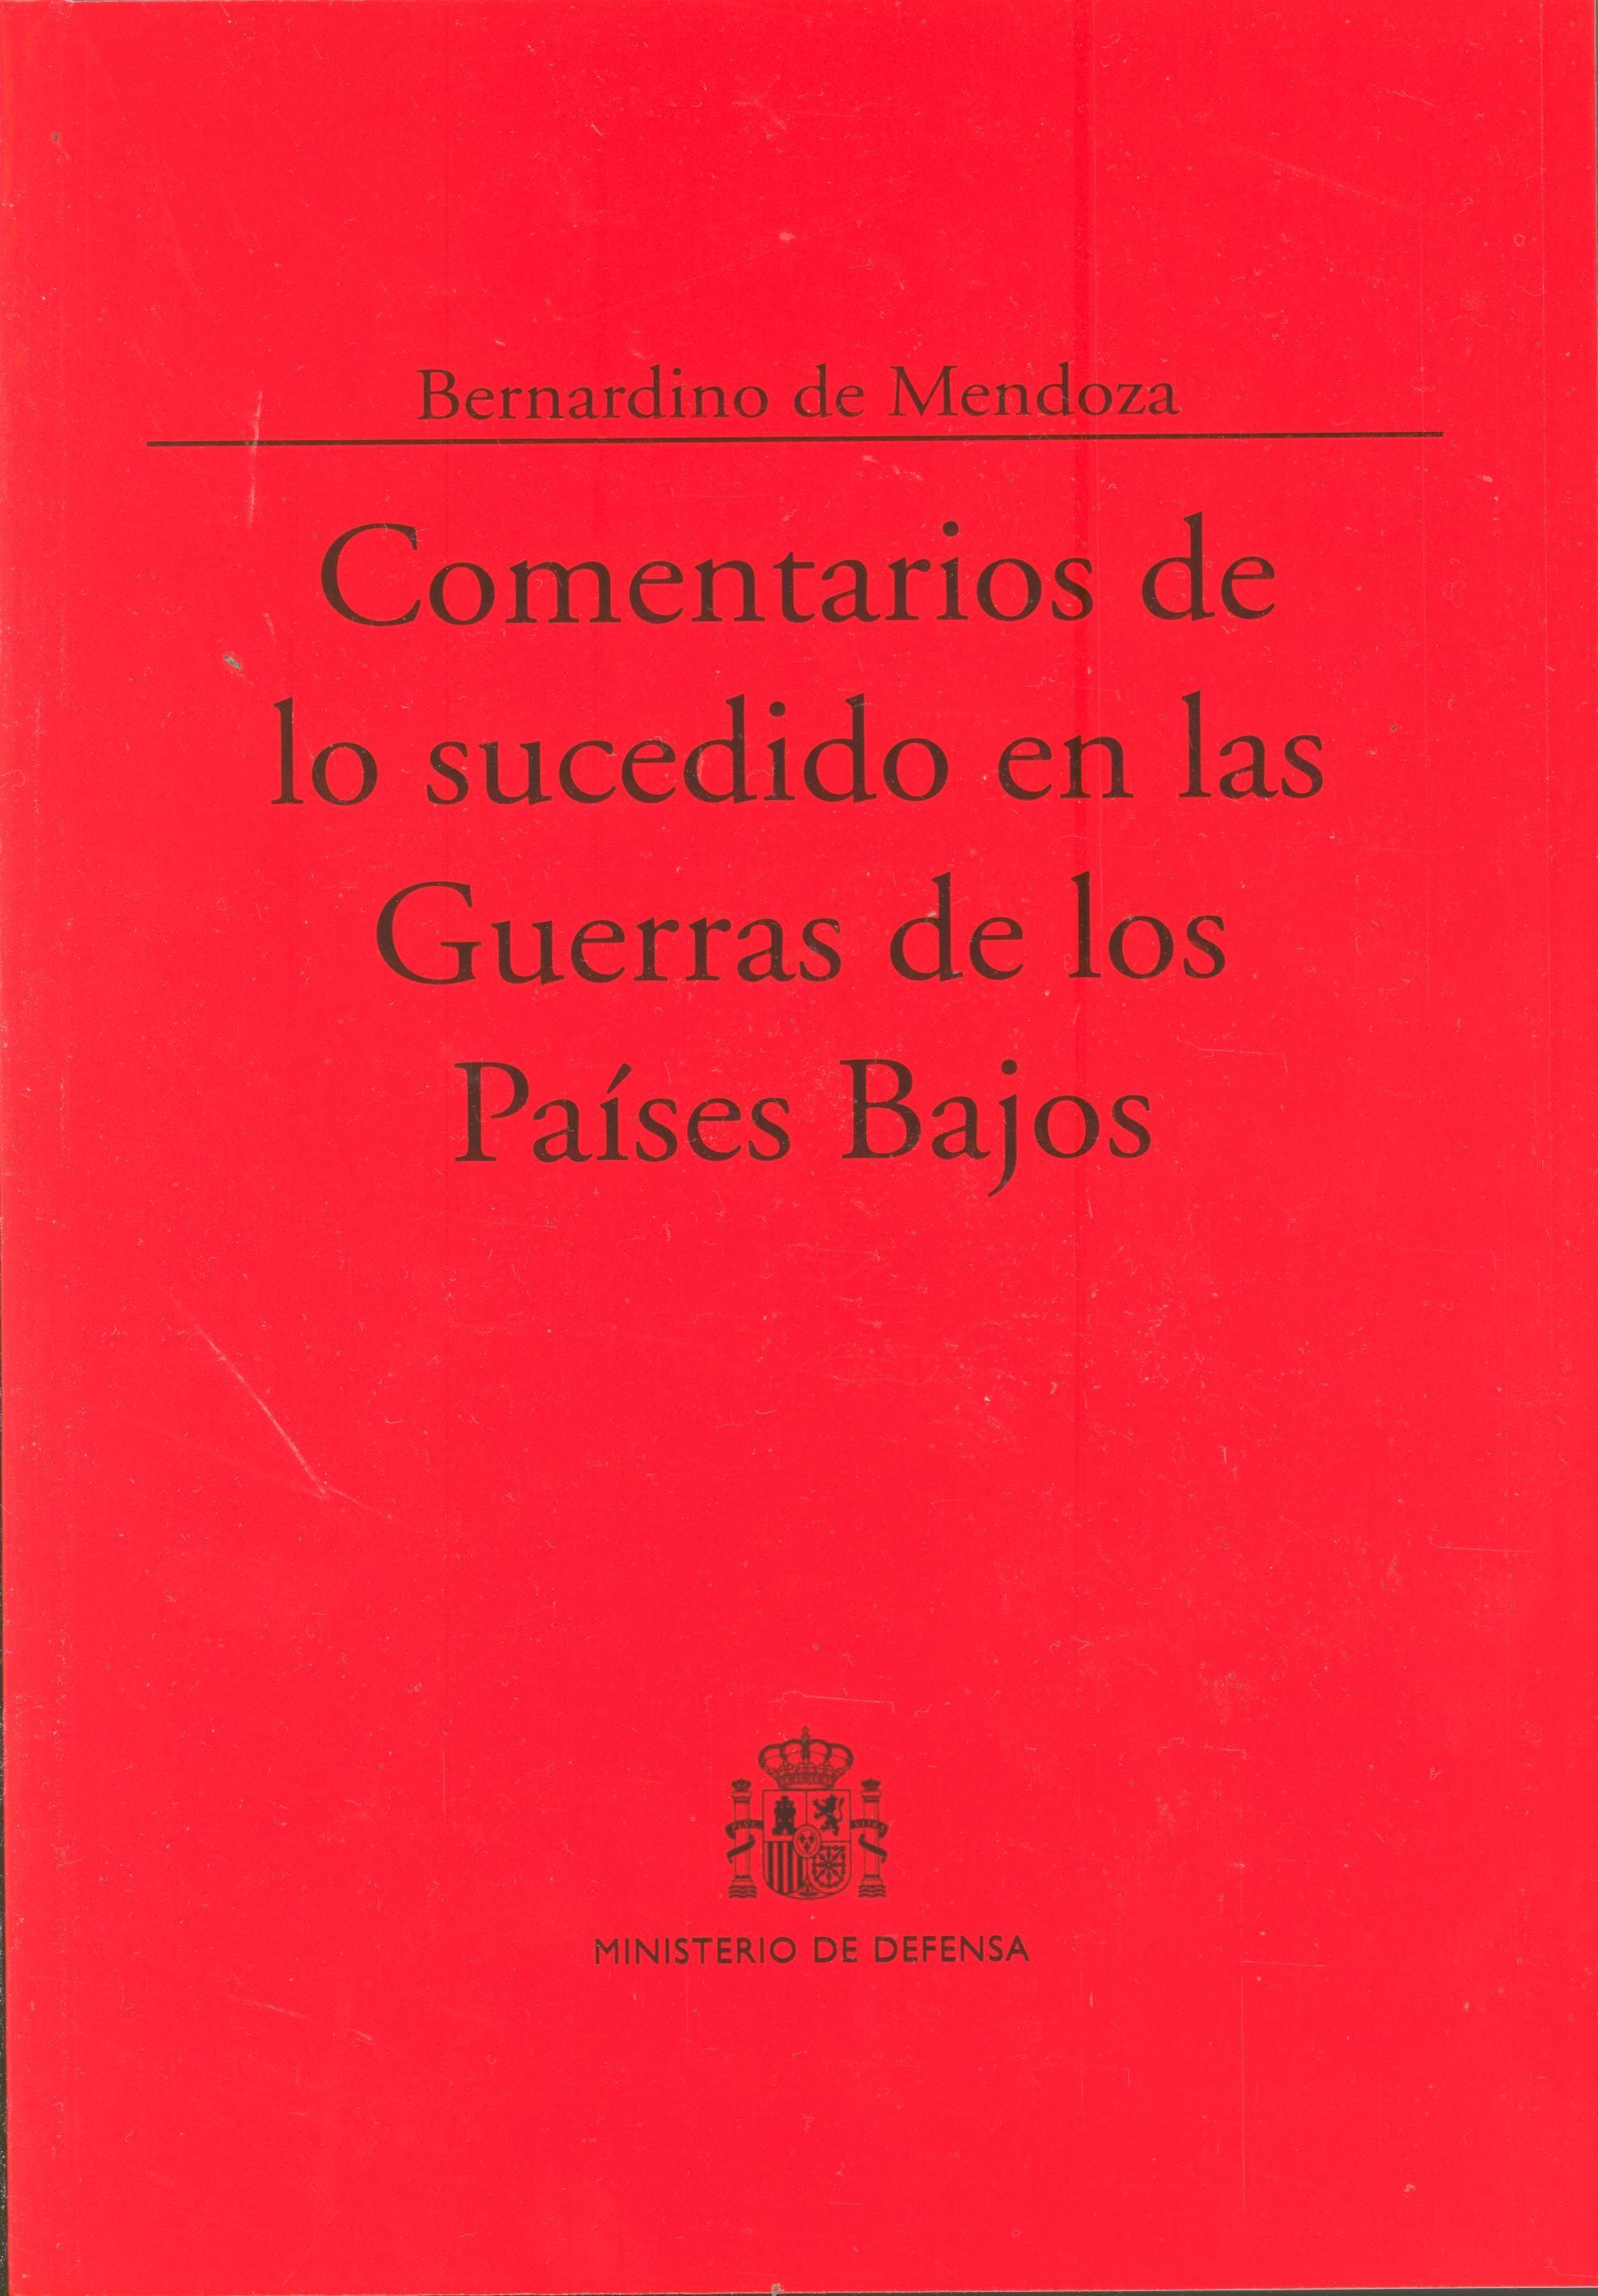 COMENTARIOS DE LO SUCEDIDO EN LAS GUERRAS DE LOS PAÍSES BAJOS